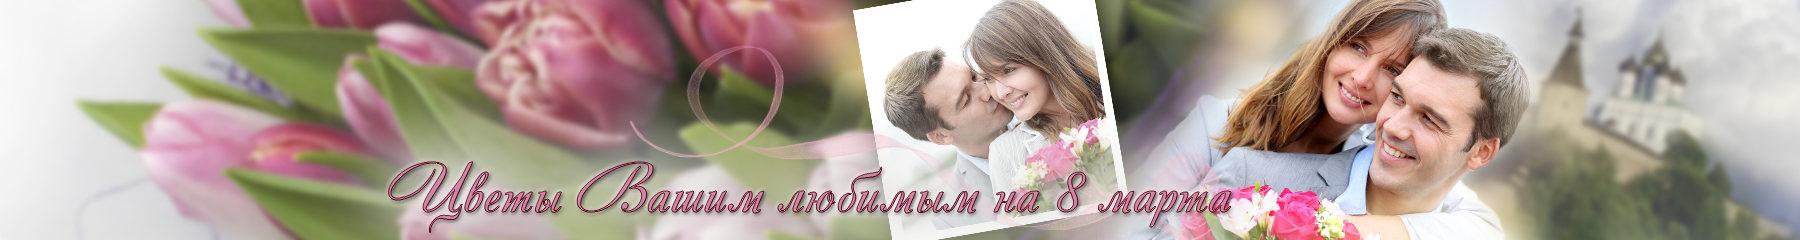 Украшение свадебного автомобиля   в Пскове